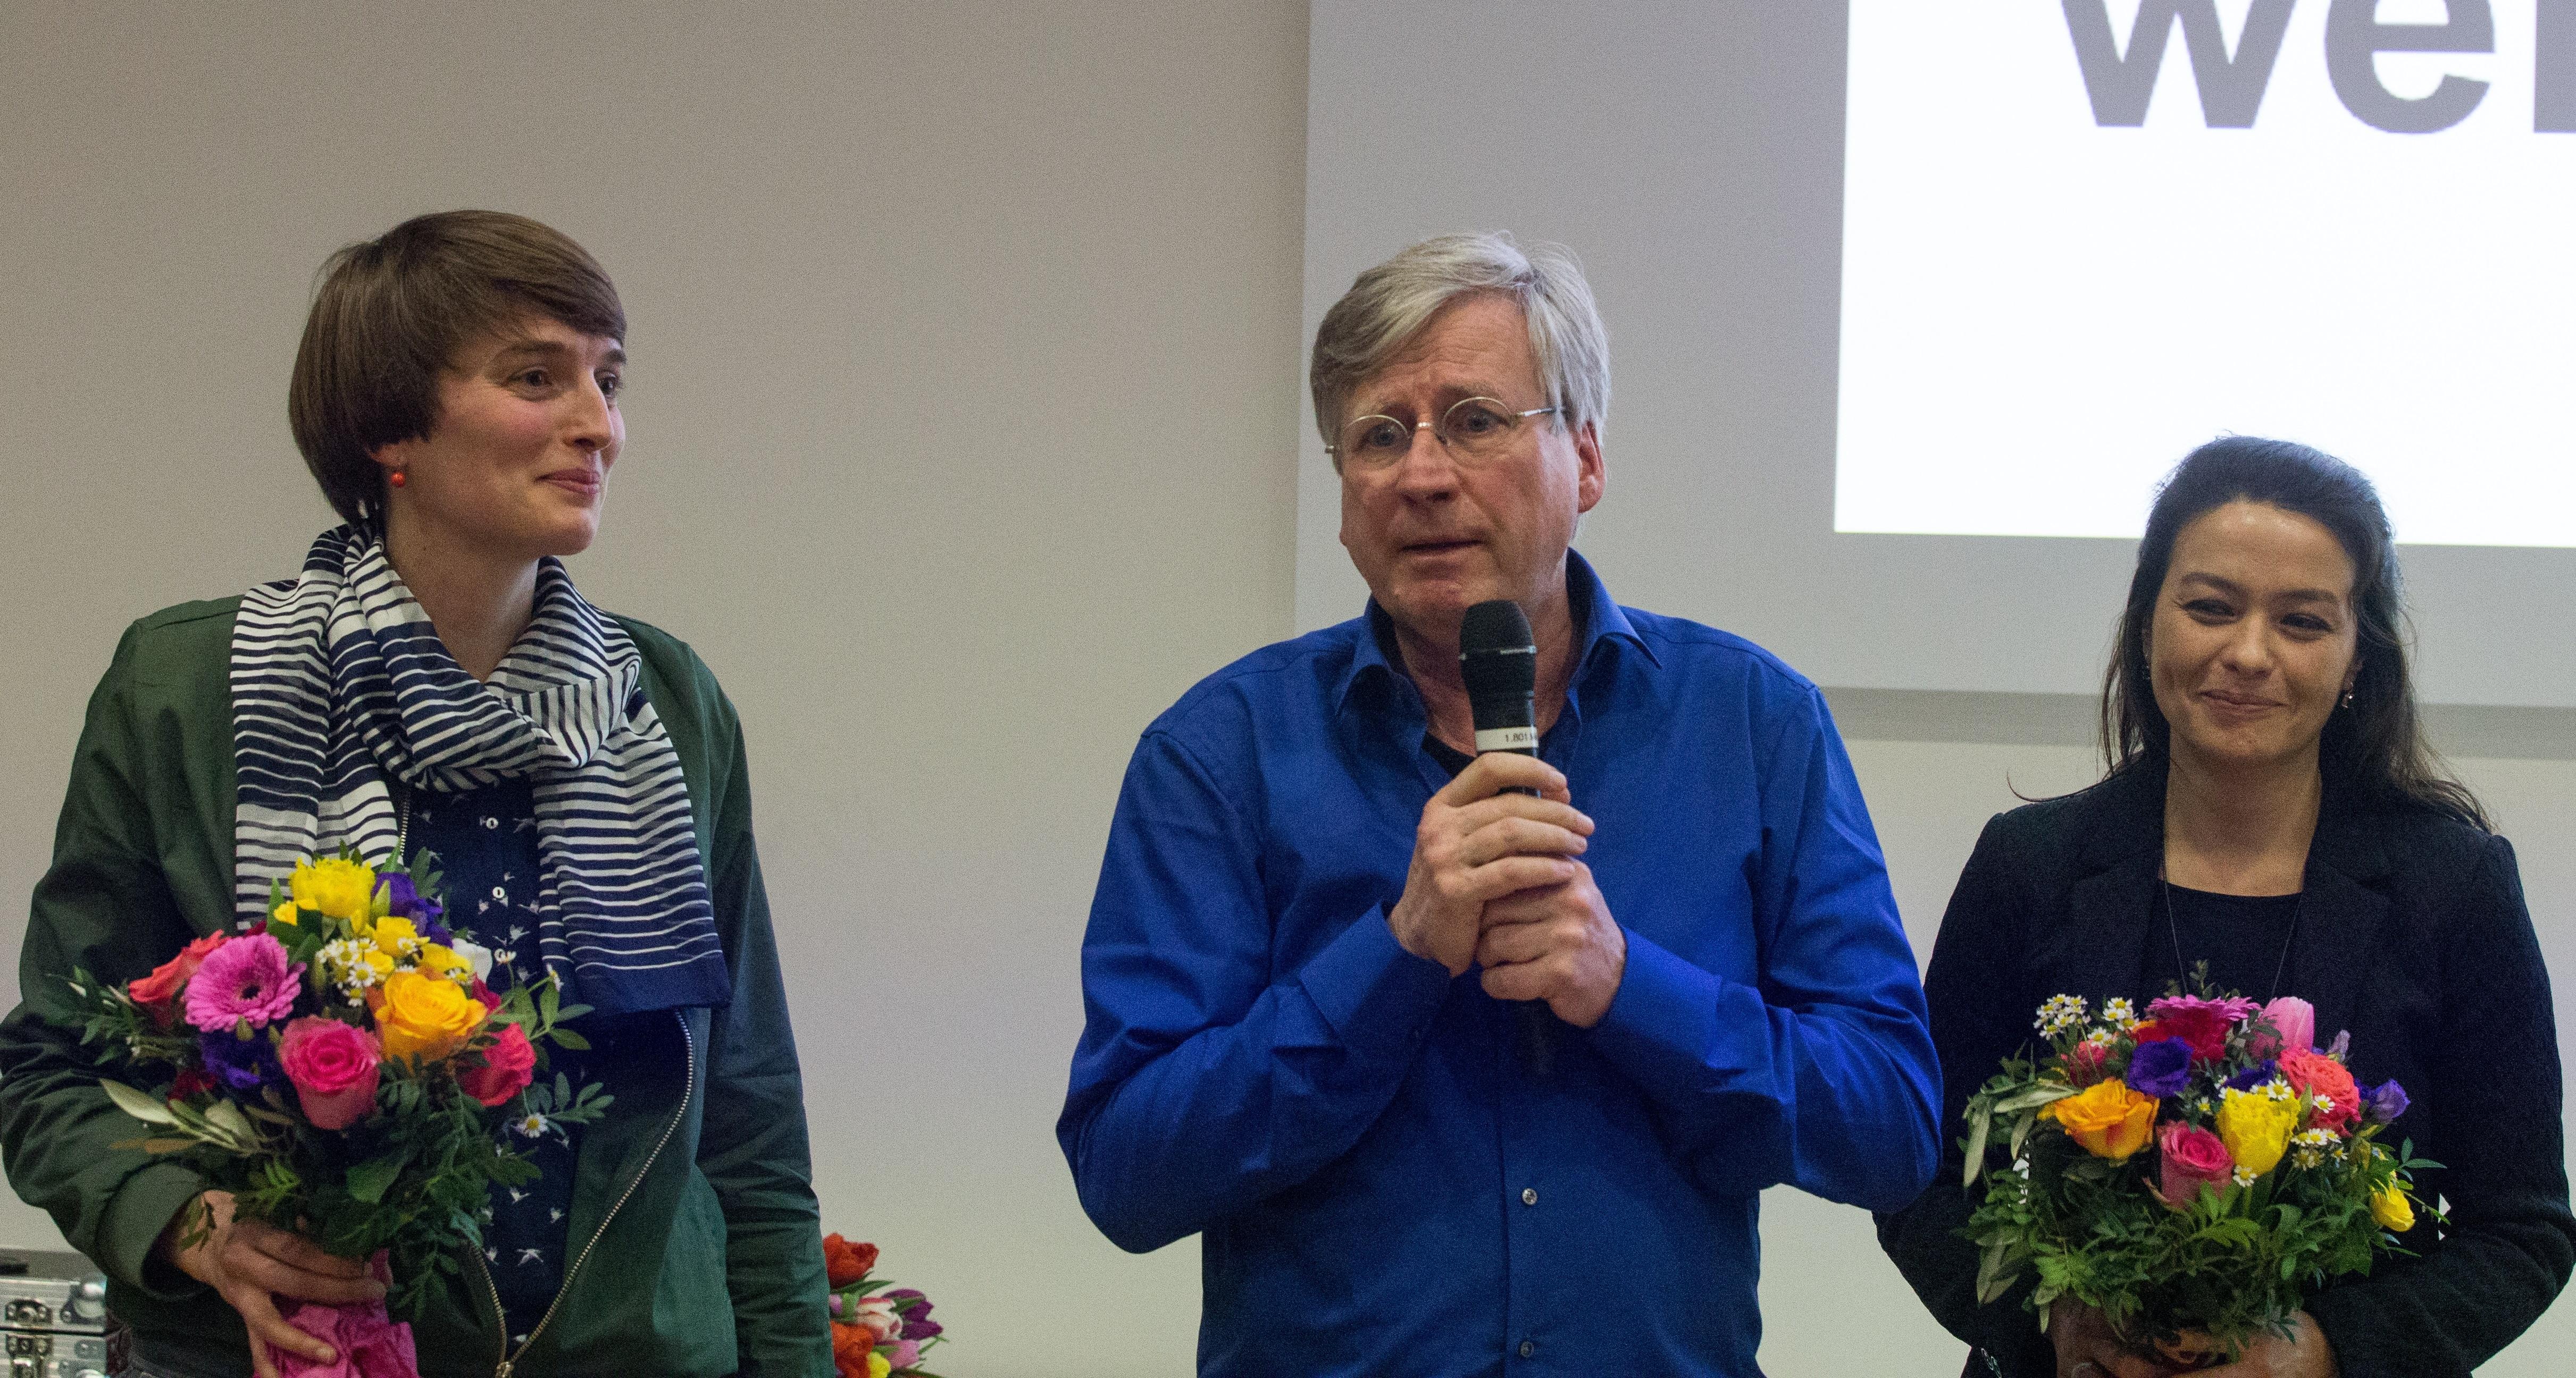 Foto Rhein, Ortmeyer, Kaya